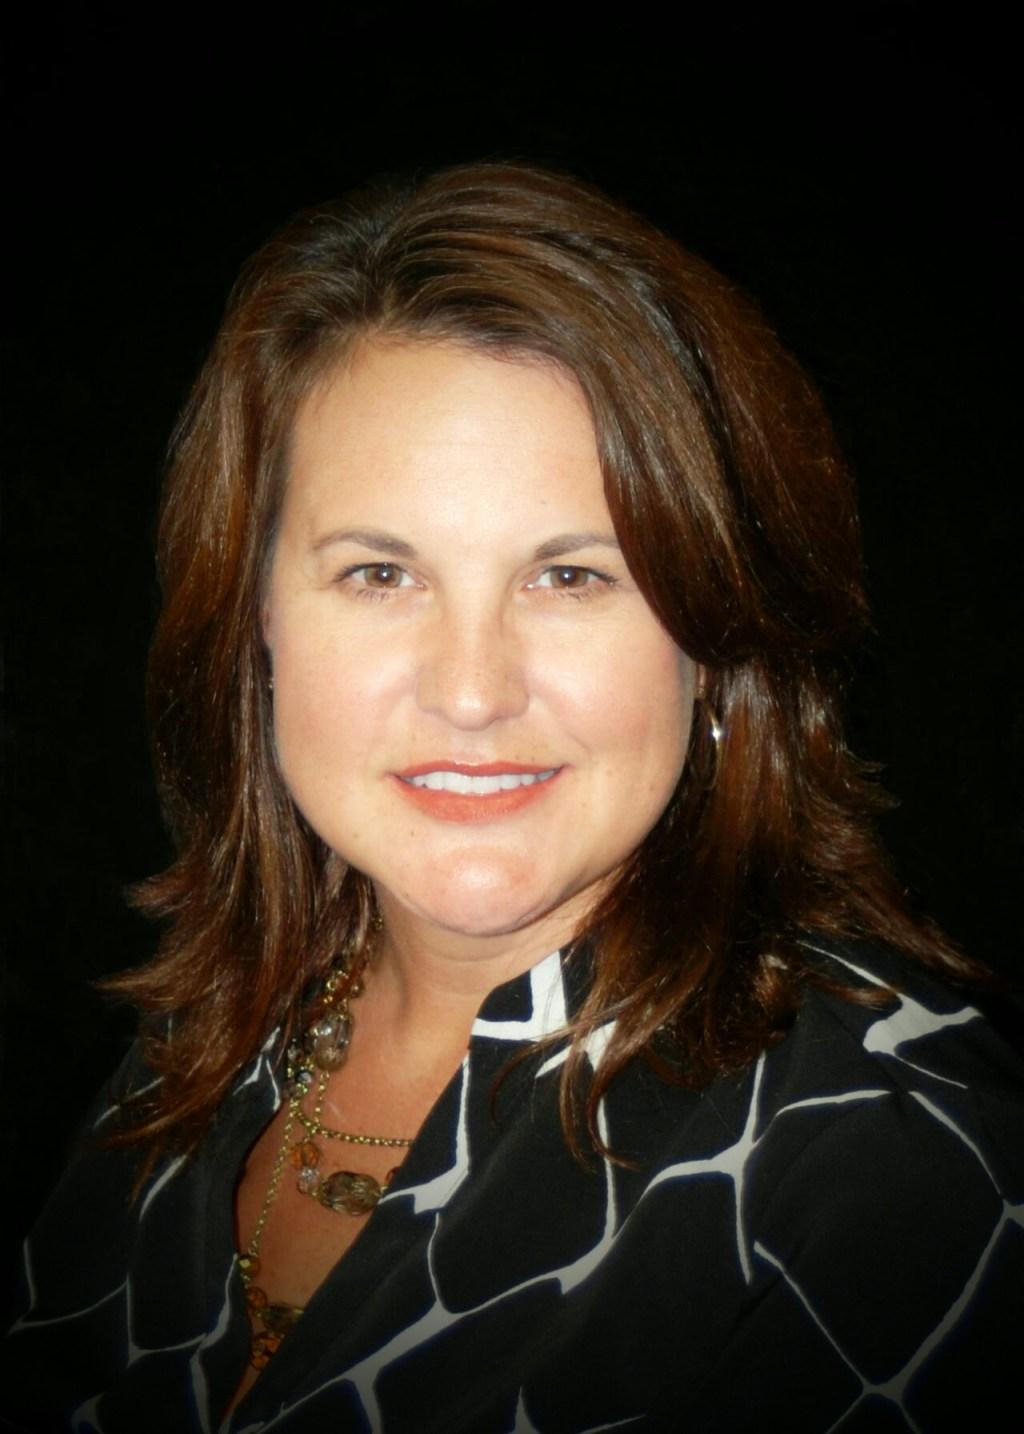 Meet a Tech Savvy Teacher: Shannon Davenport